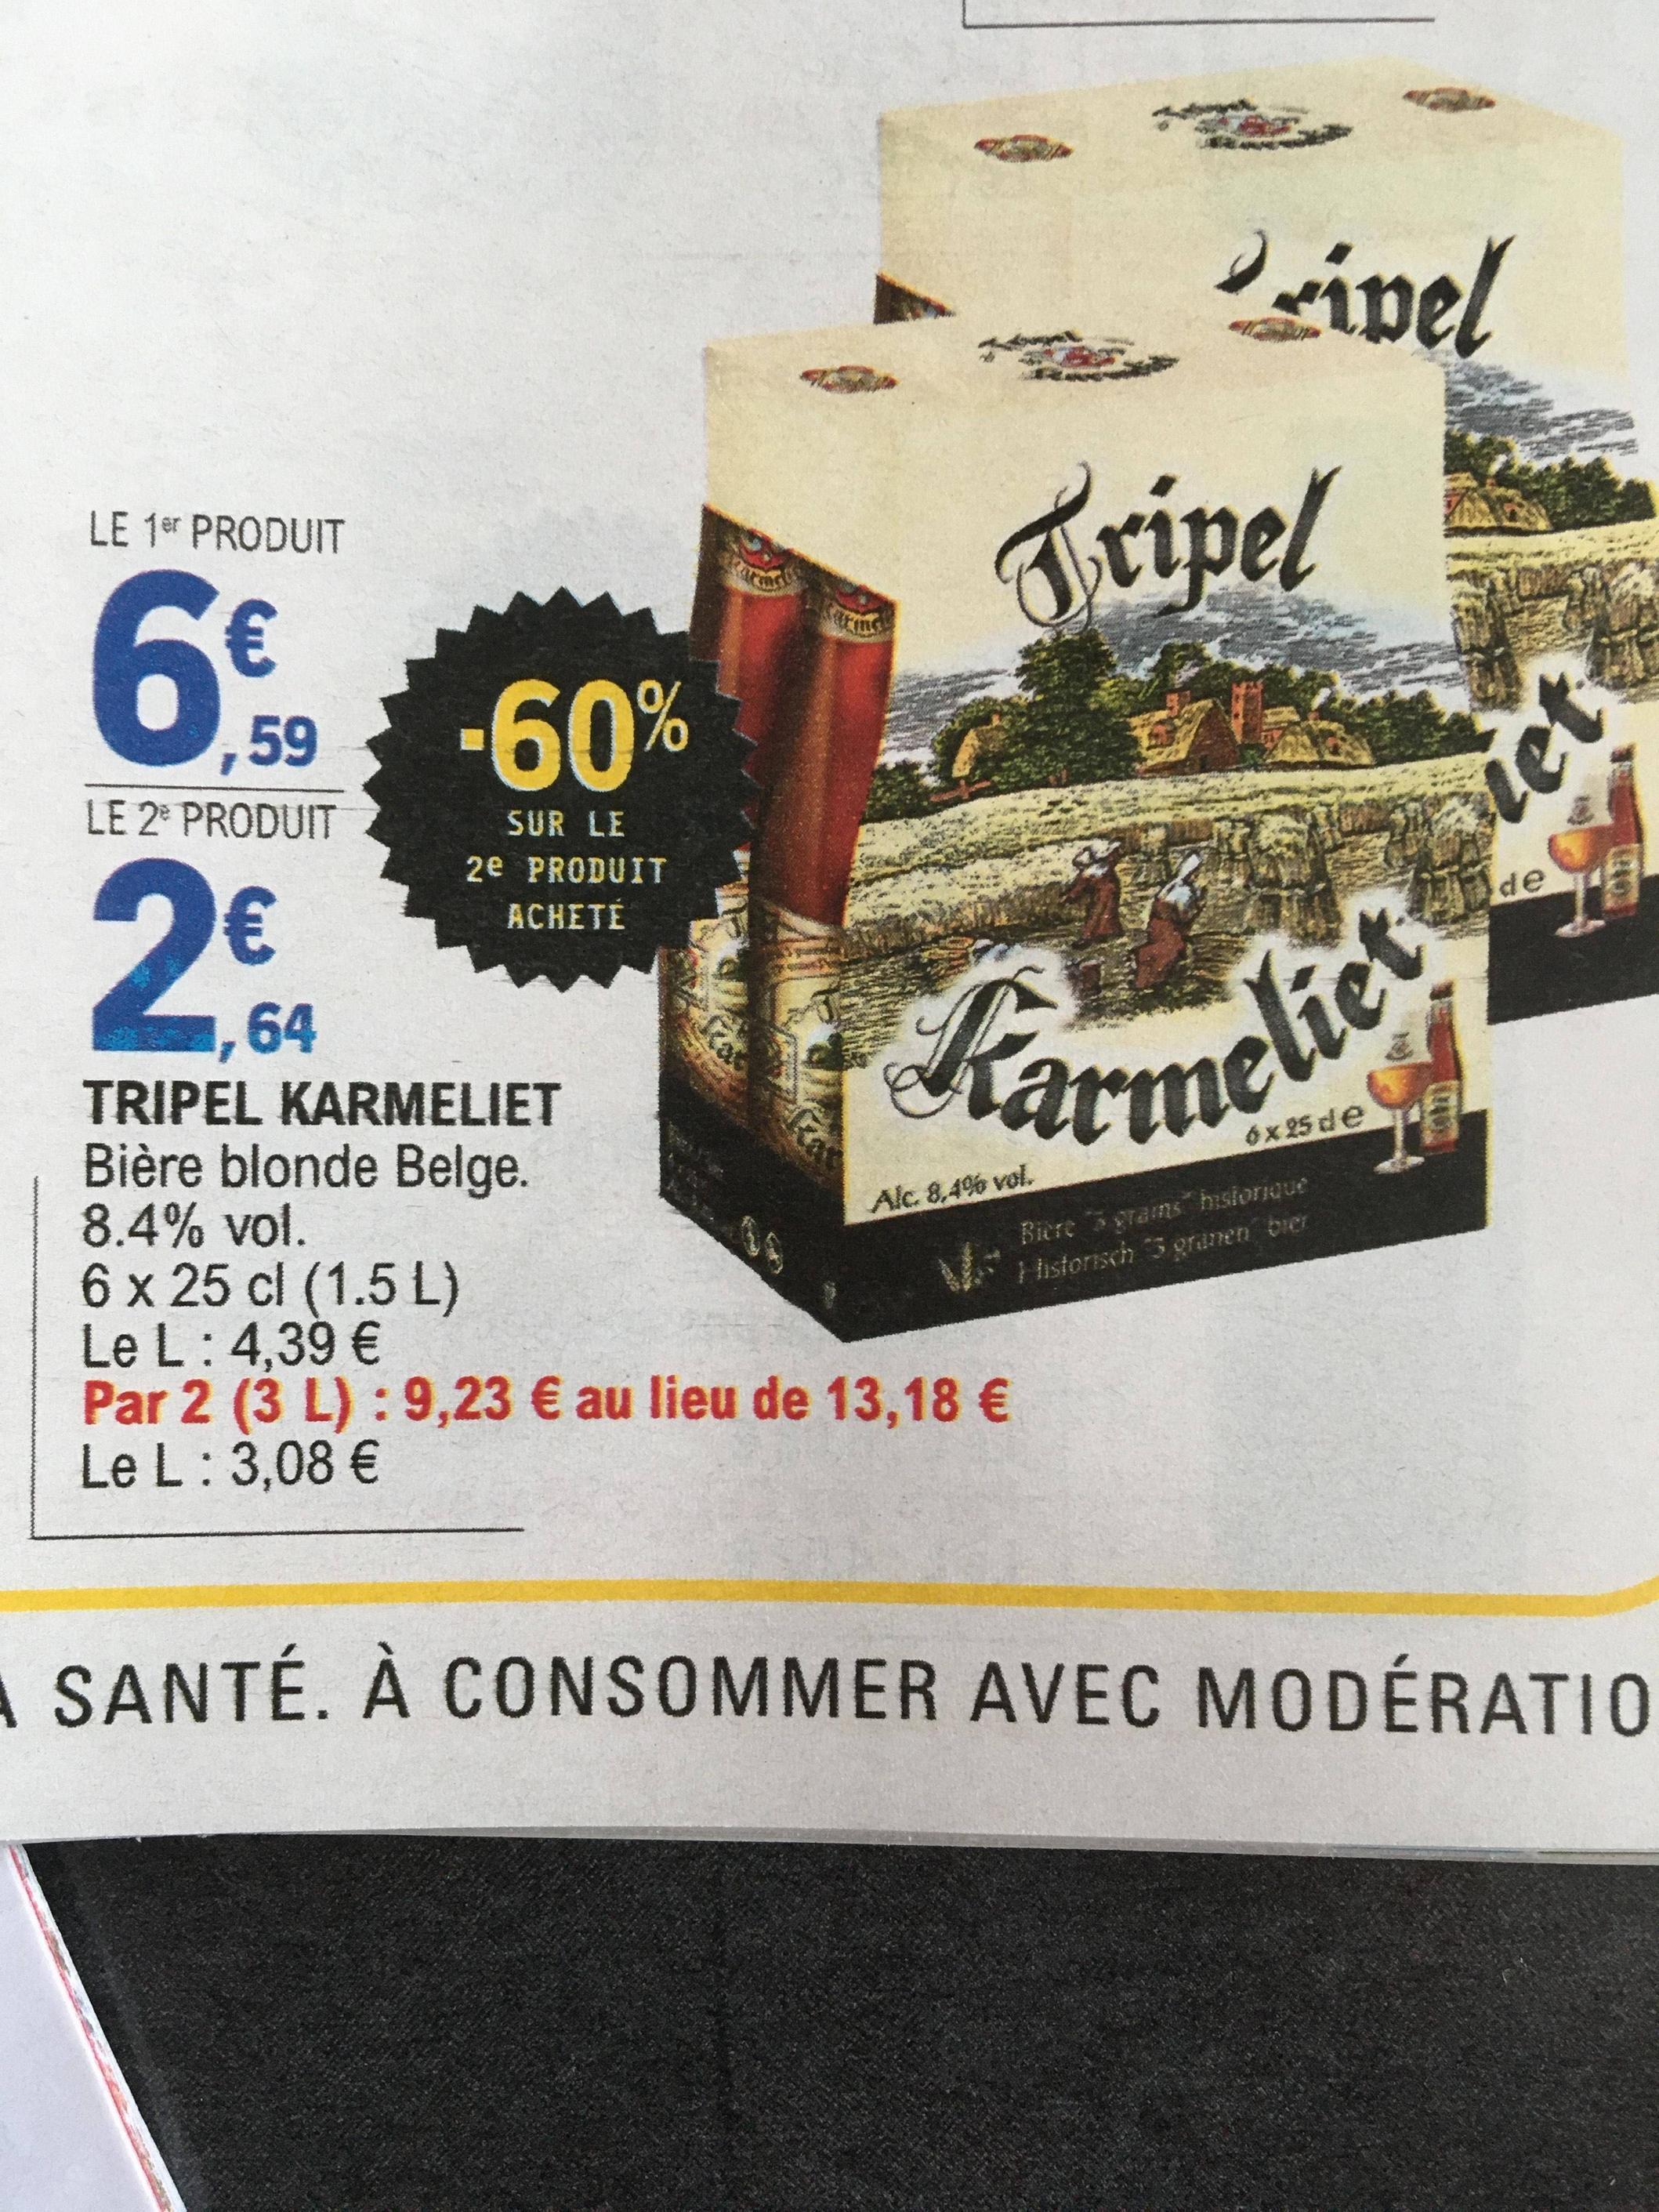 2 packs de Bières Tripel Karmeliet - 12 x 25Cl à 9.23€ ou 3 Bouteilles de 75Cl pour 9.4€